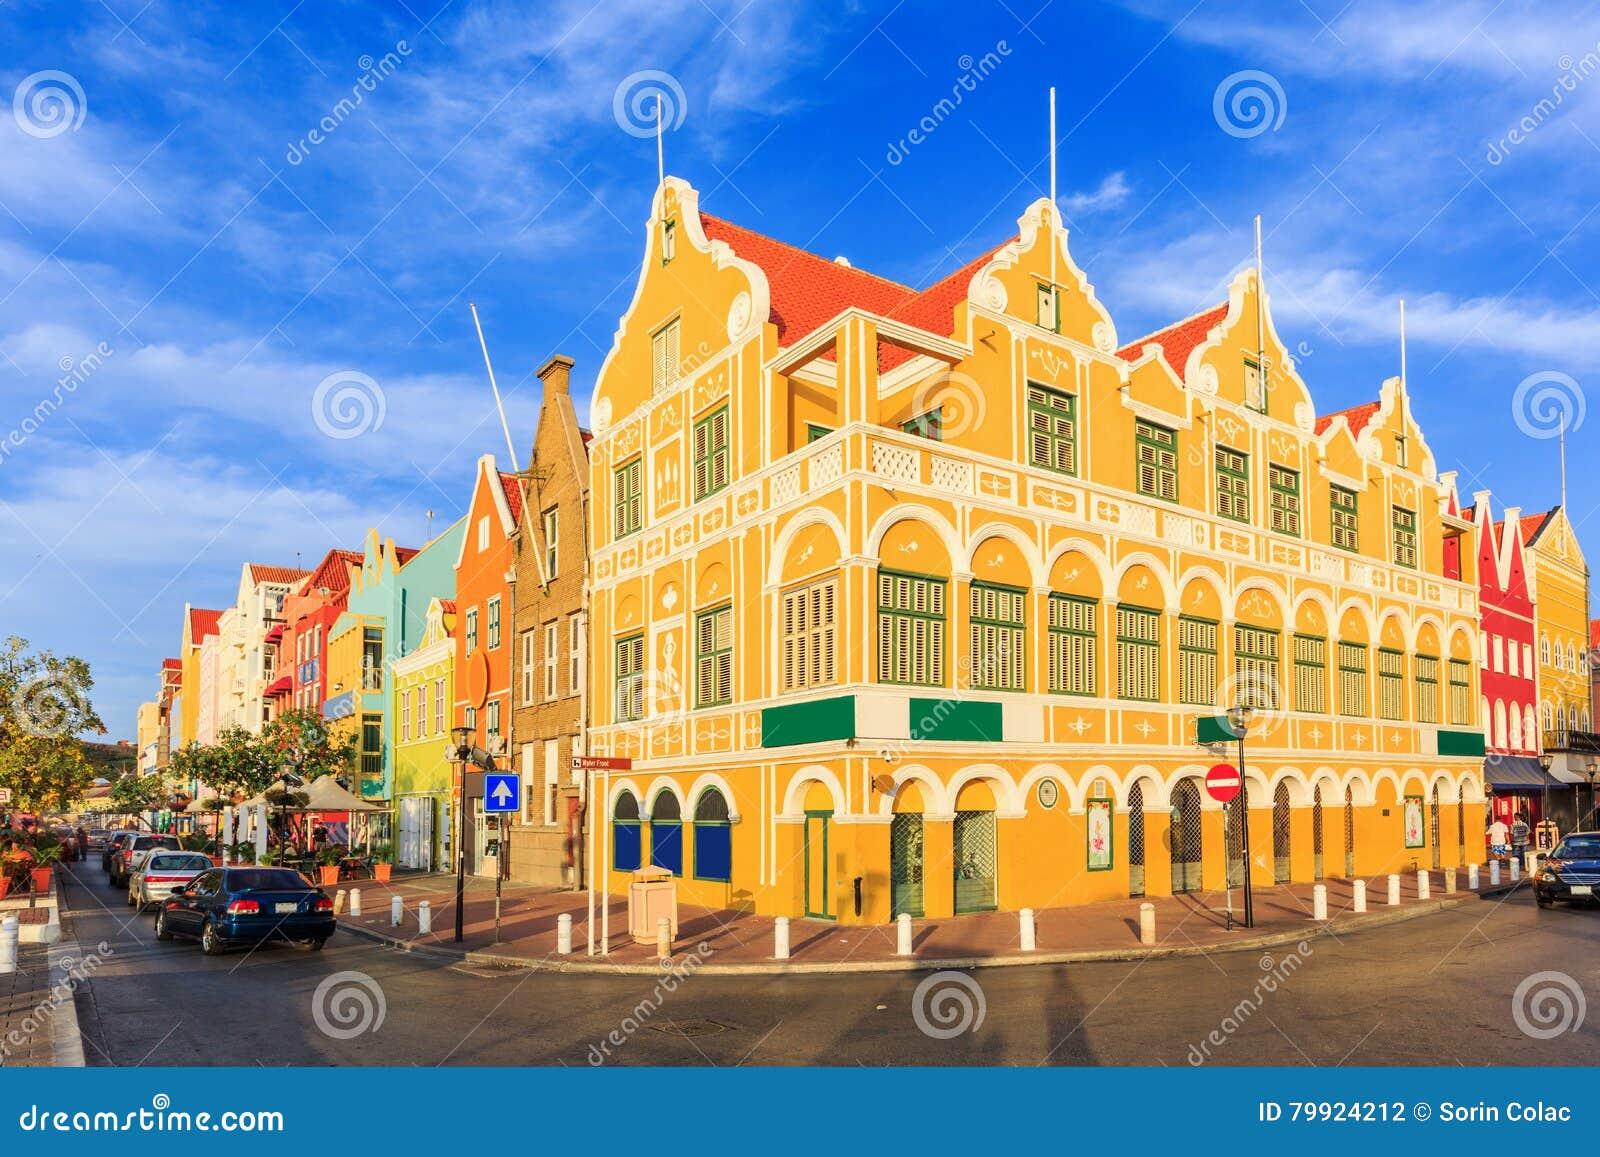 Willemstad Curacao, Нидерландские Антильские острова